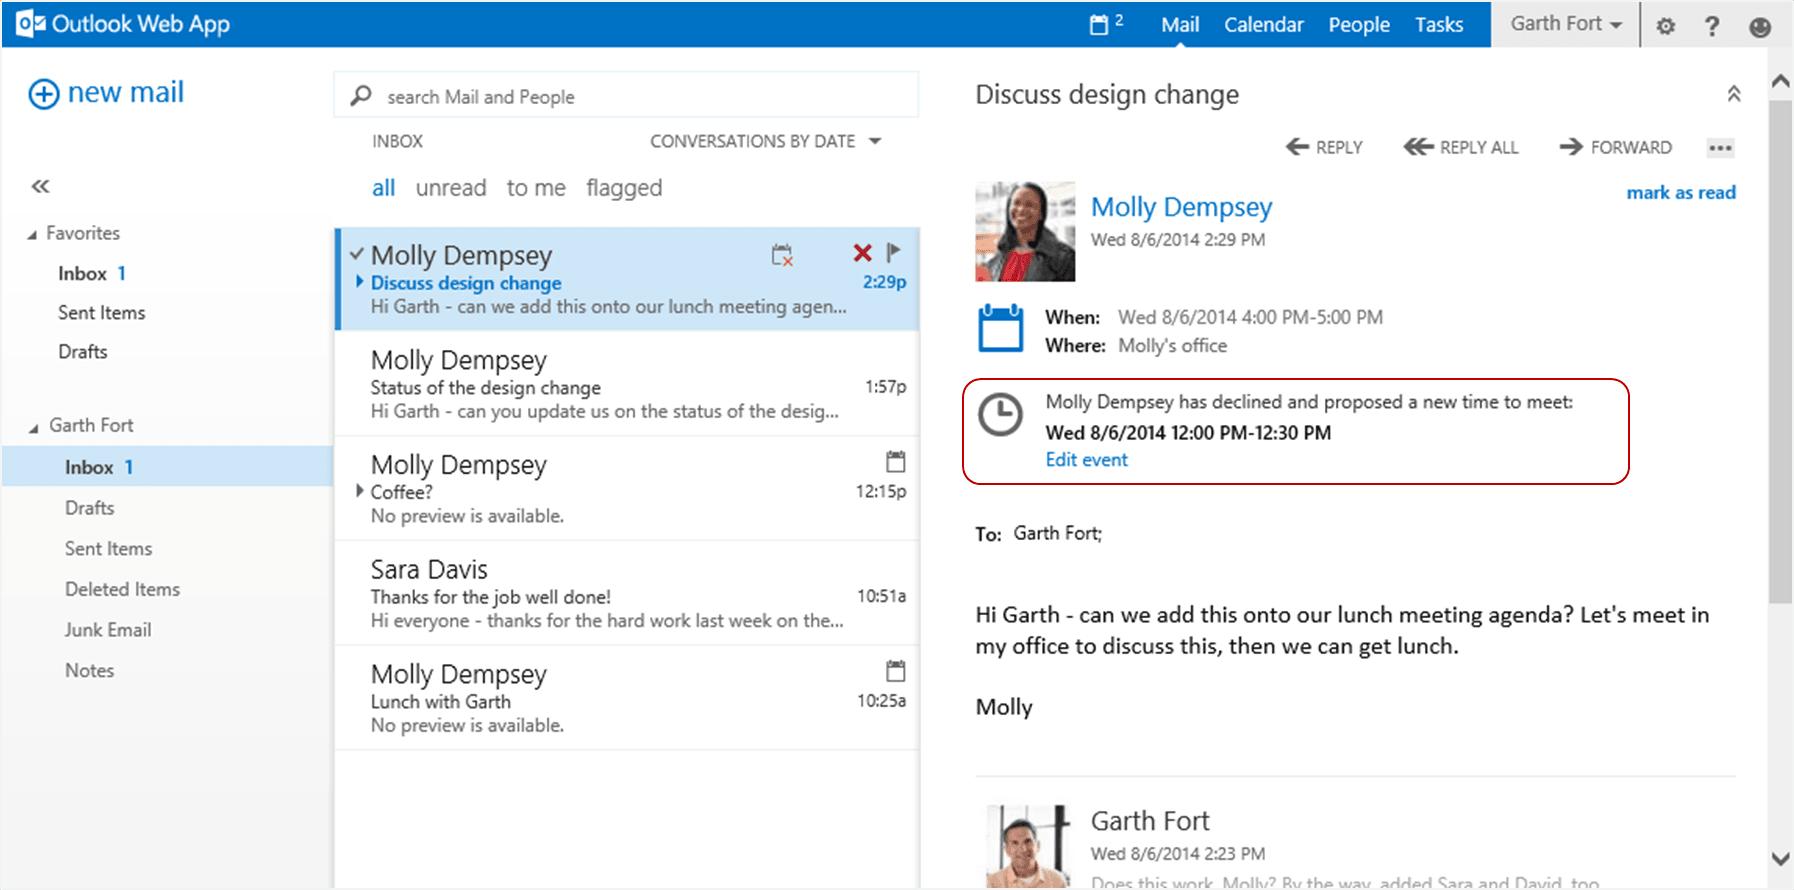 Característica de Outlook Web App: Proponer una nueva hora 5